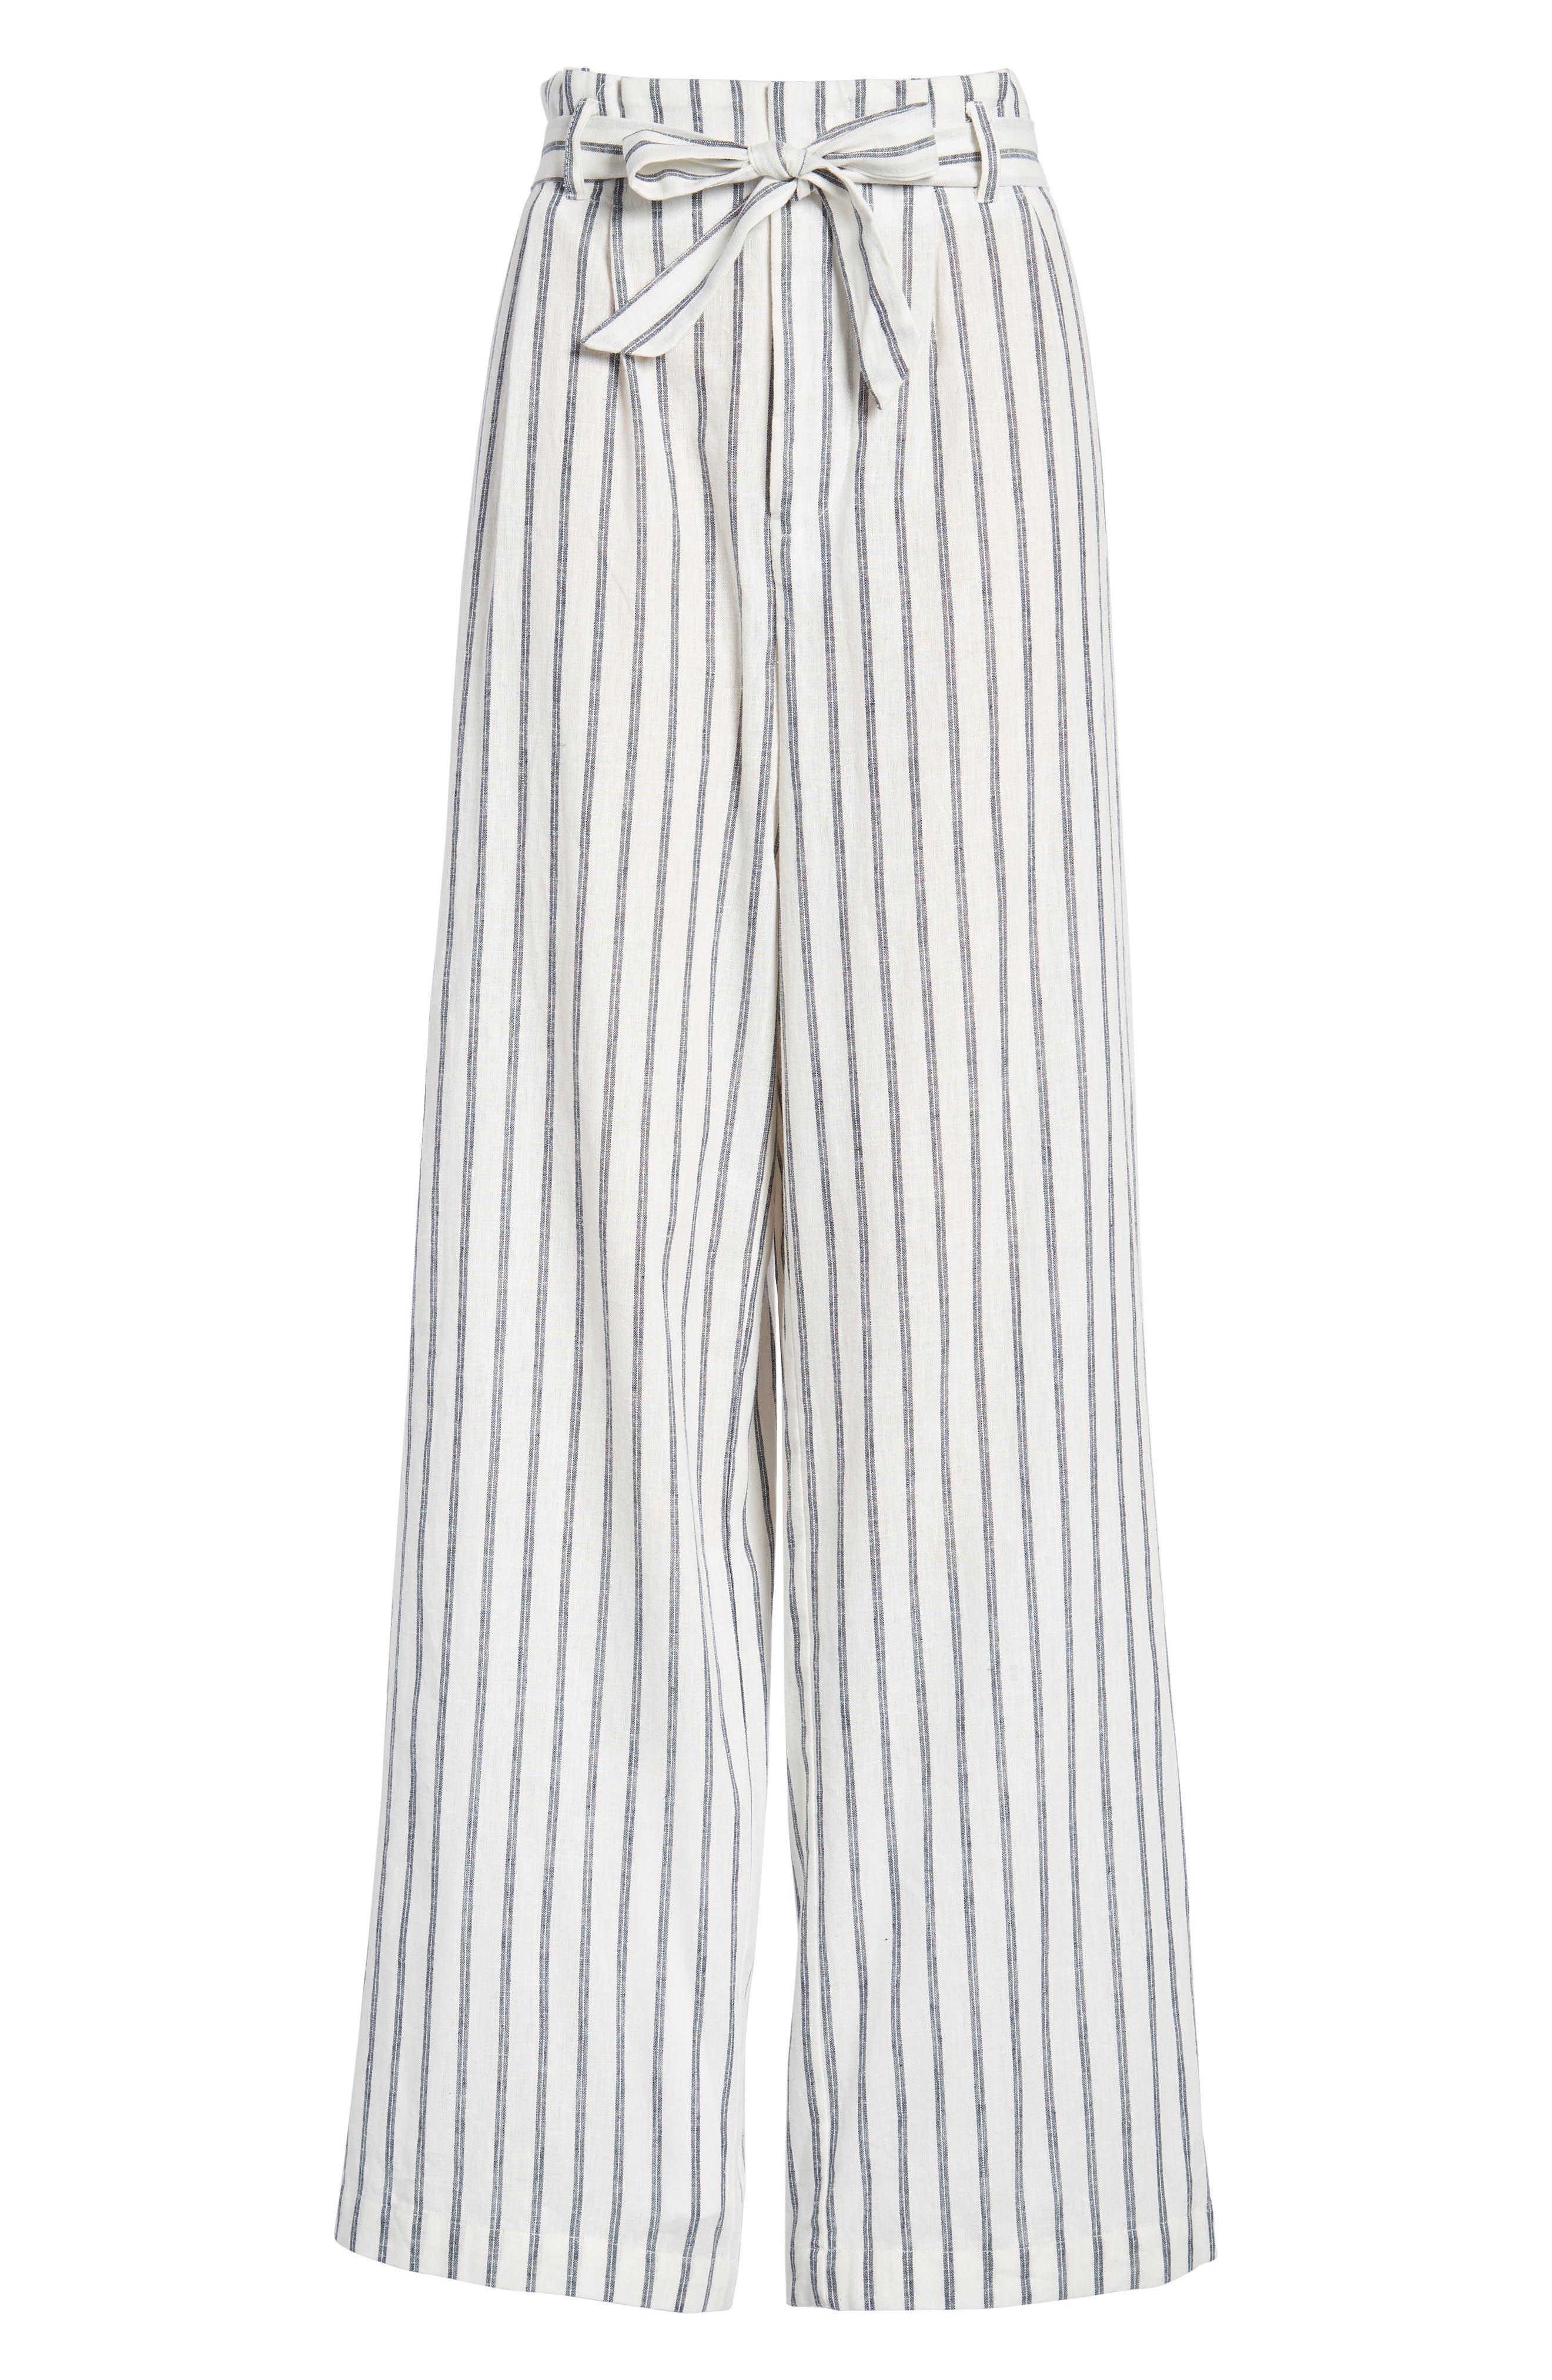 Paper Bag Linen & Cotton Pants,                             Alternate thumbnail 7, color,                             IVORY / BLUE STRIPE